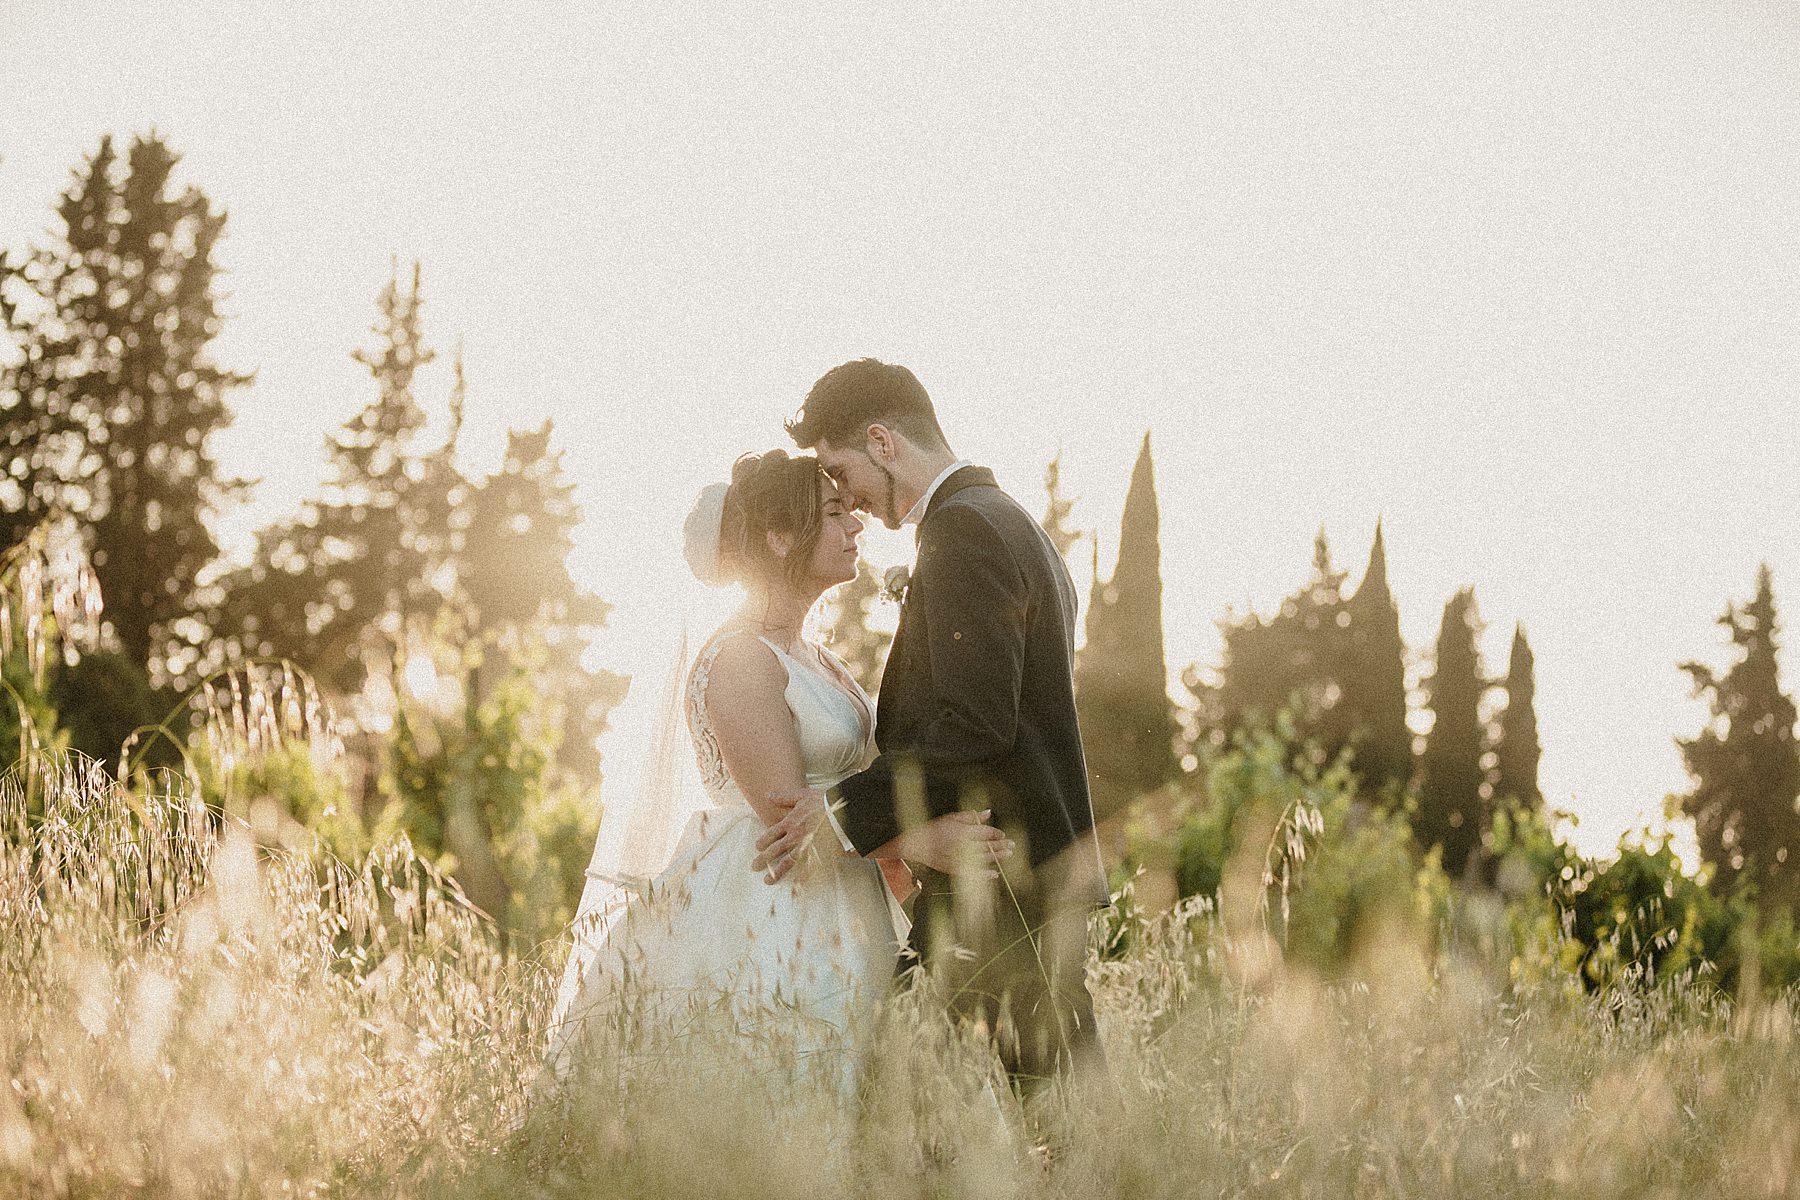 matrimonio tenuta bichi borghesi monteriggioni 3042